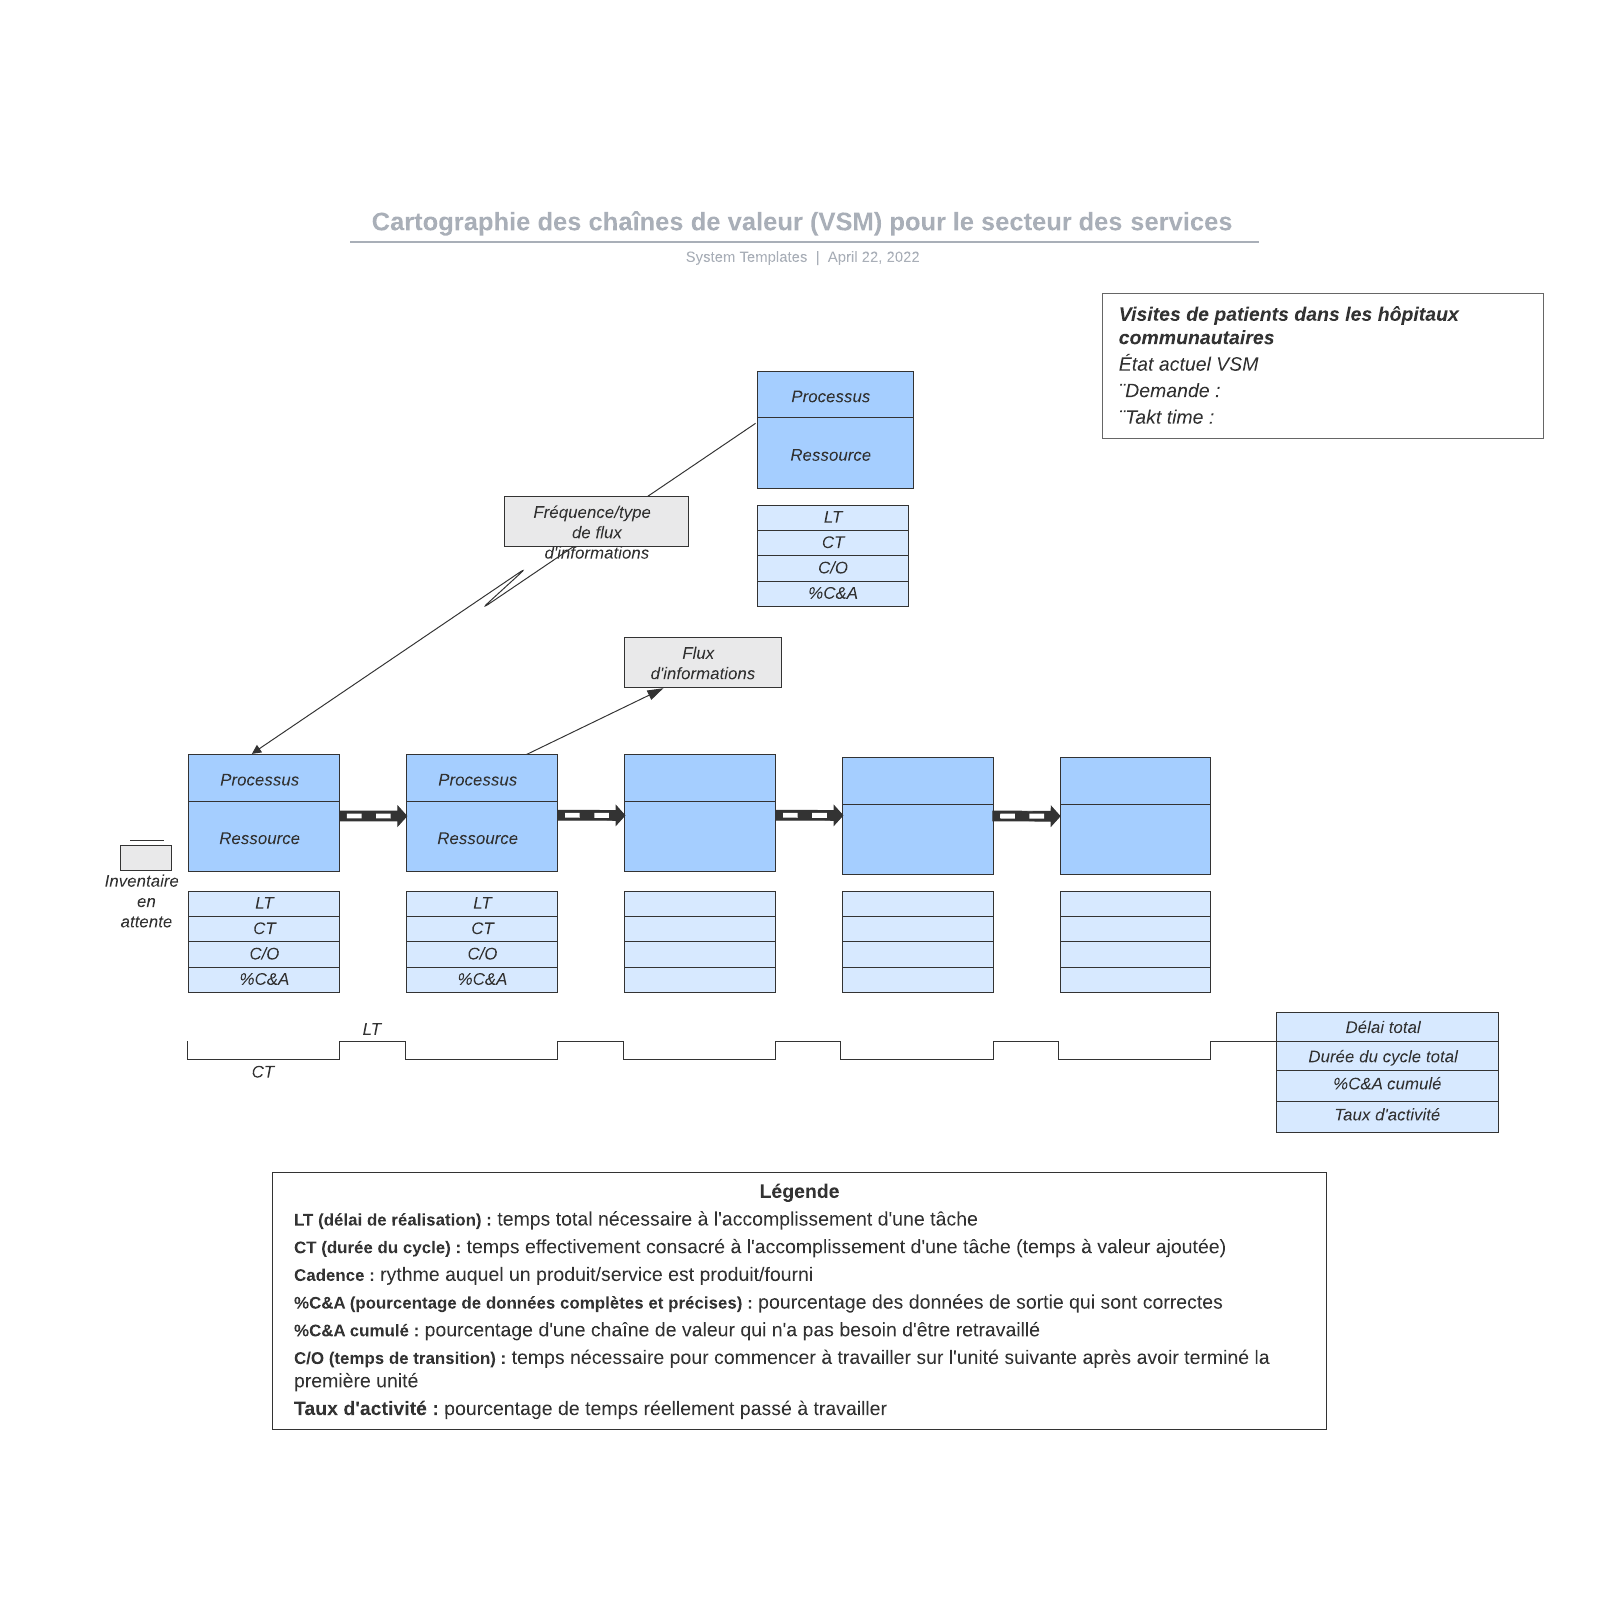 exemple de cartographie VSM pour le secteur des services